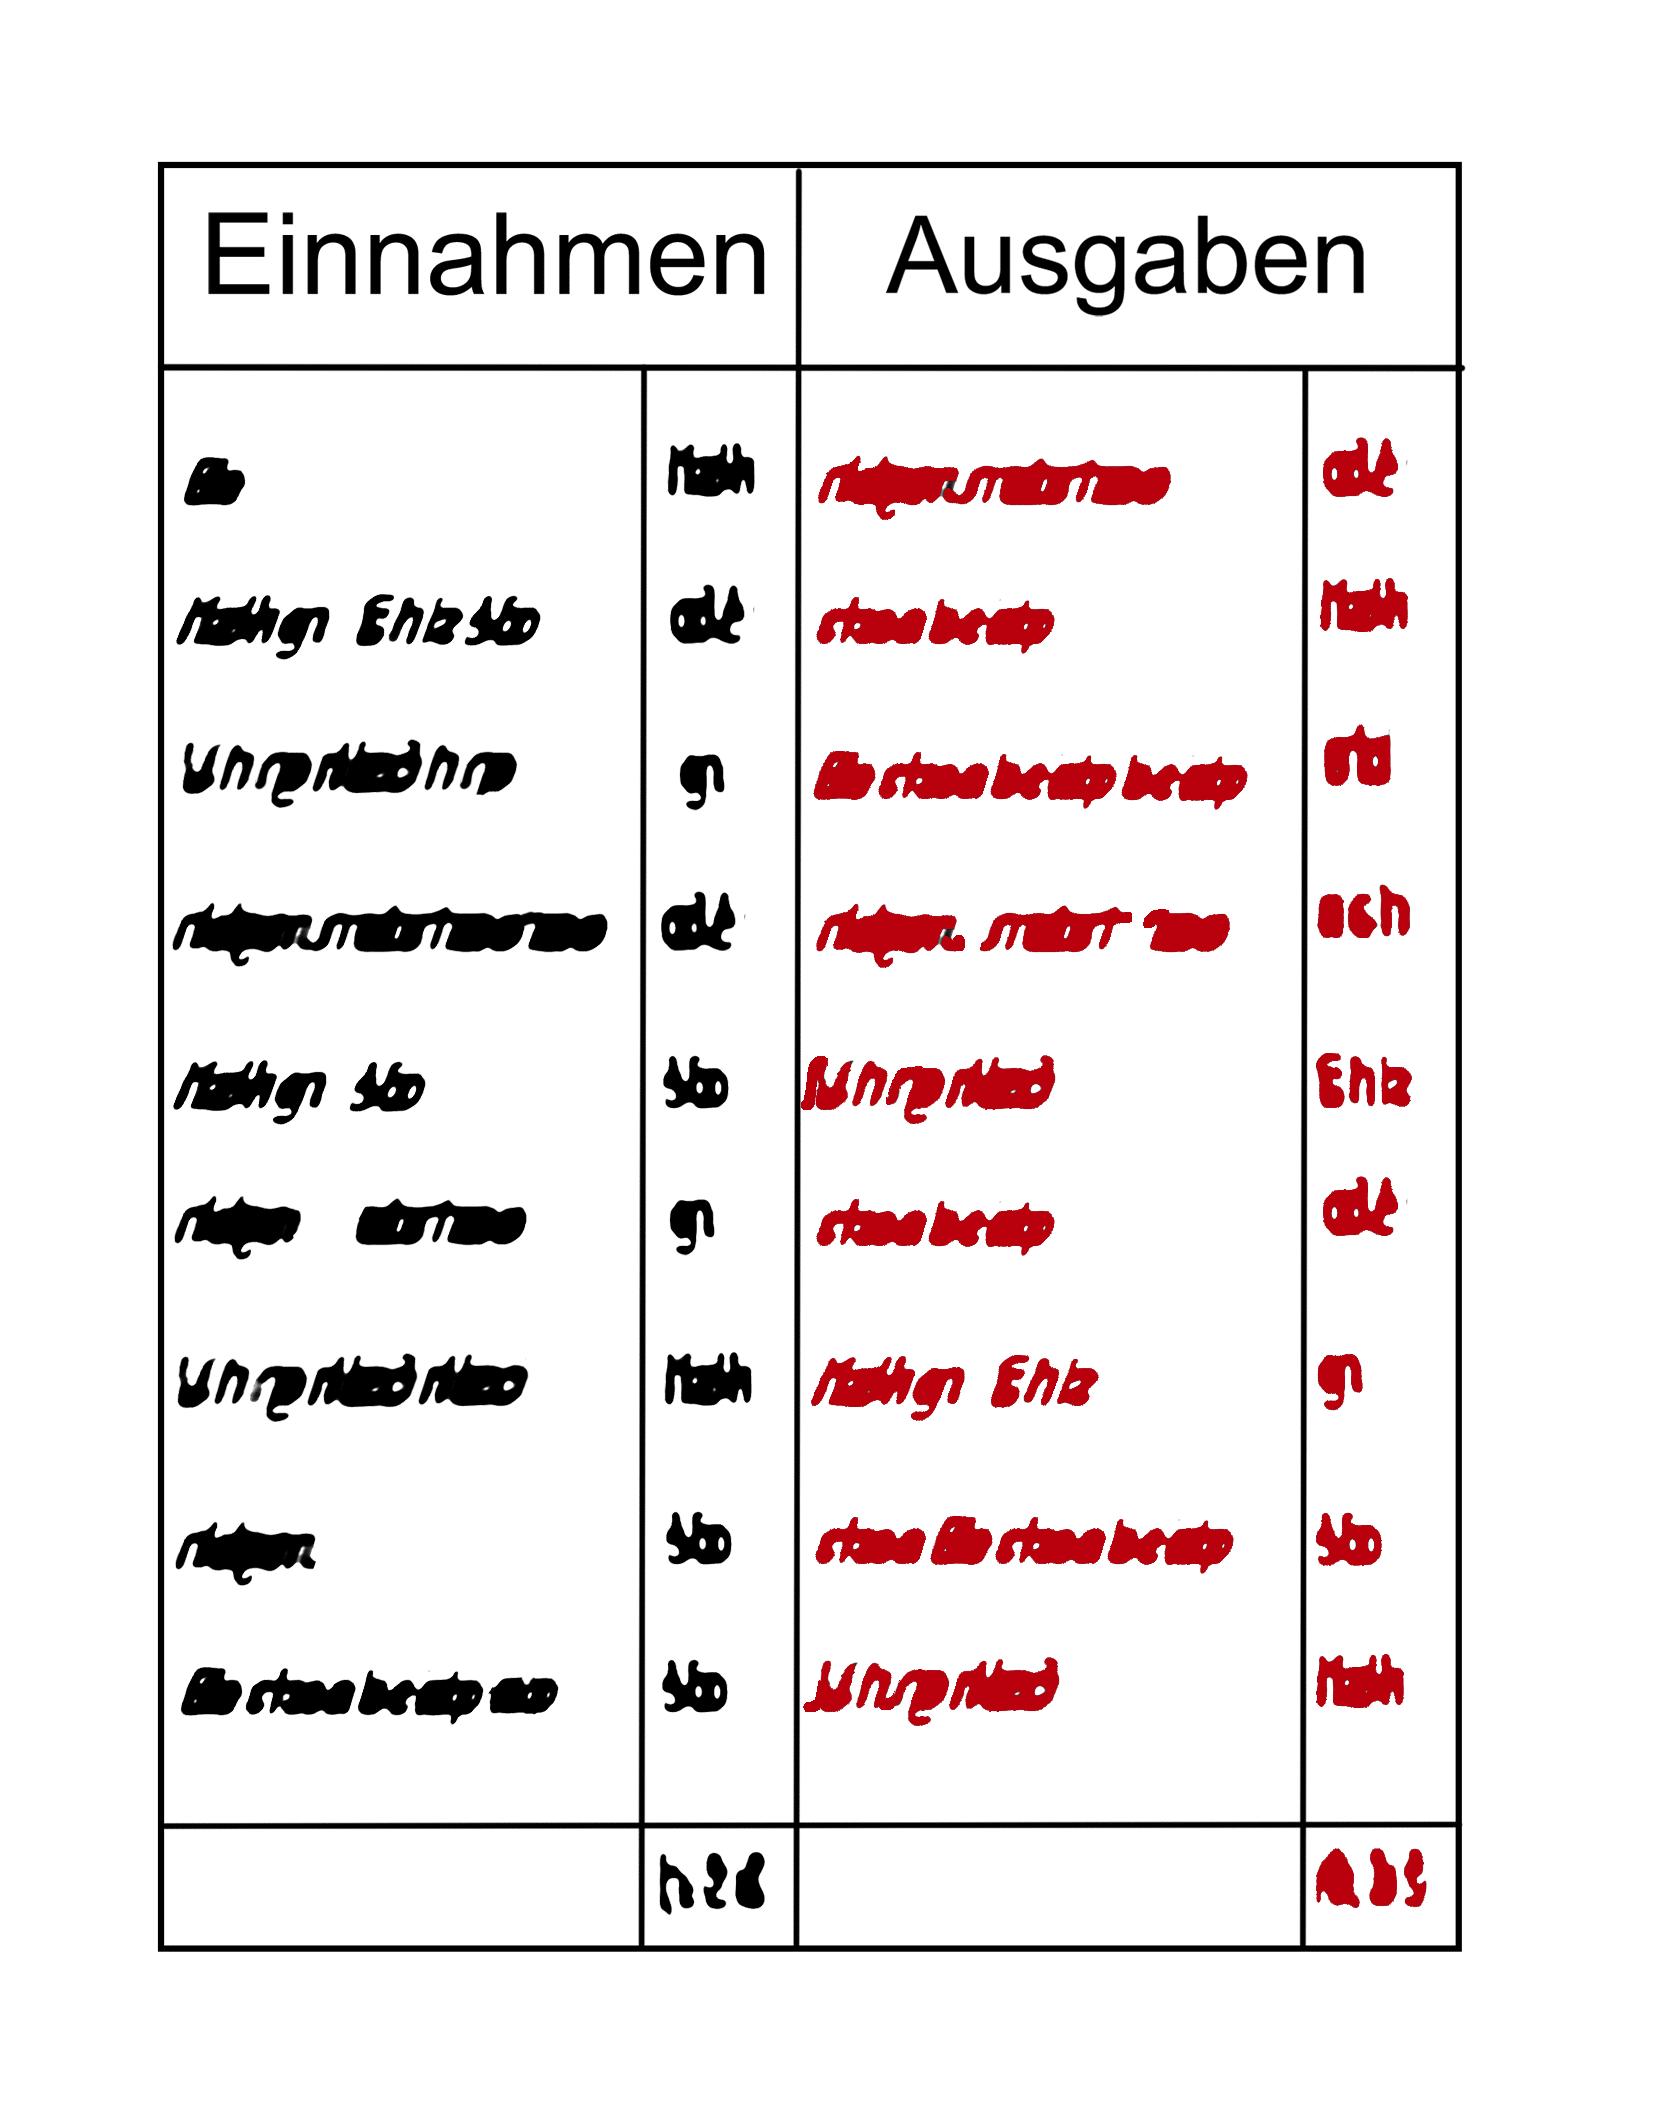 Tabelle Einnahmen Ausgaben